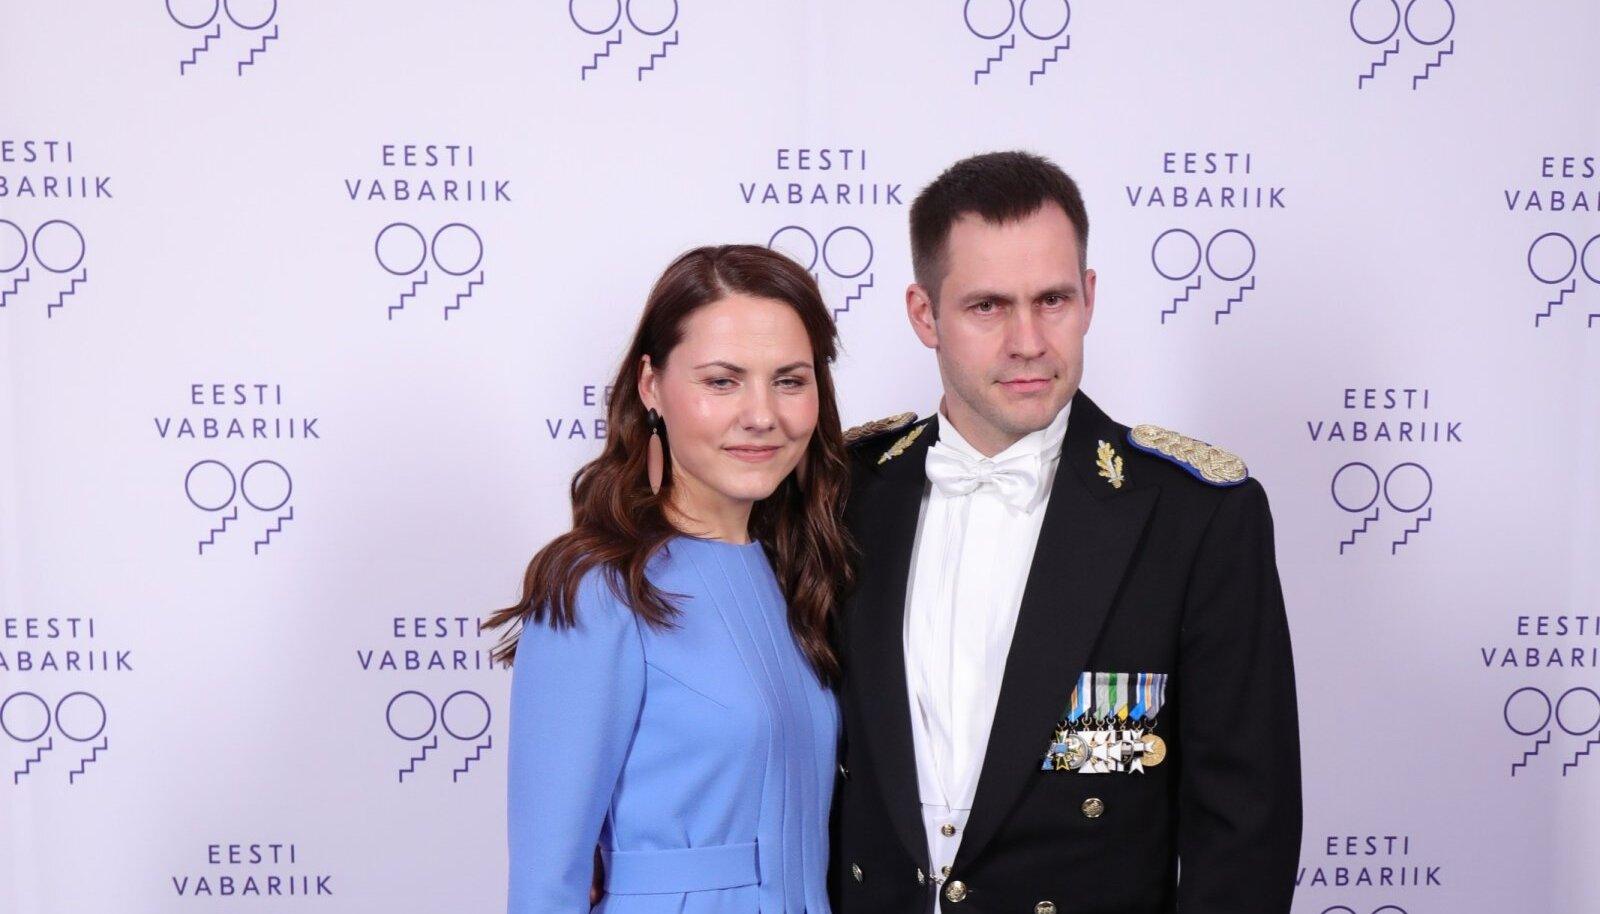 Politsei- ja Piirivalveameti peadirektor Elmar Vaher ja proua Helin Vaher